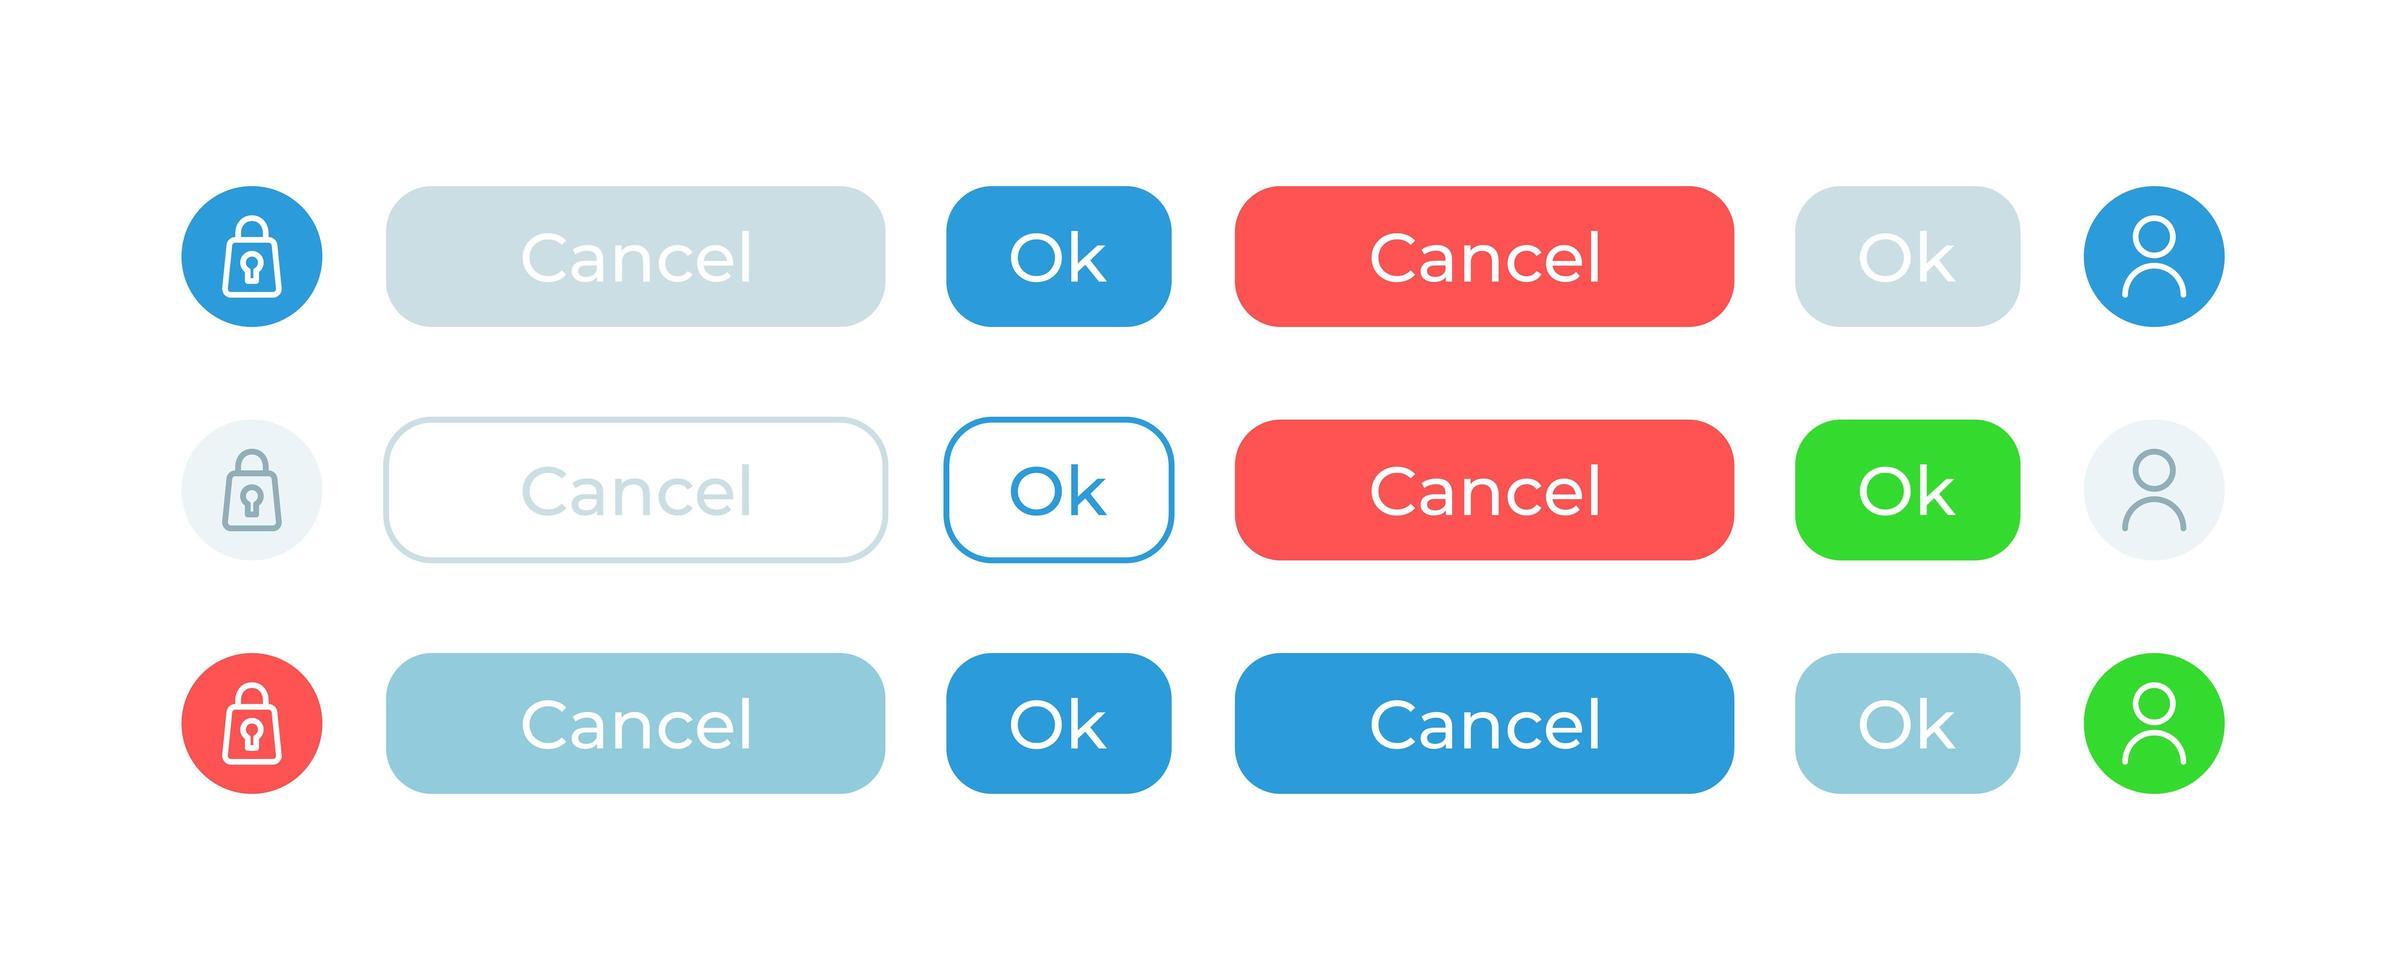 confirmer les options, kit d'éléments d'interface utilisateur vecteur